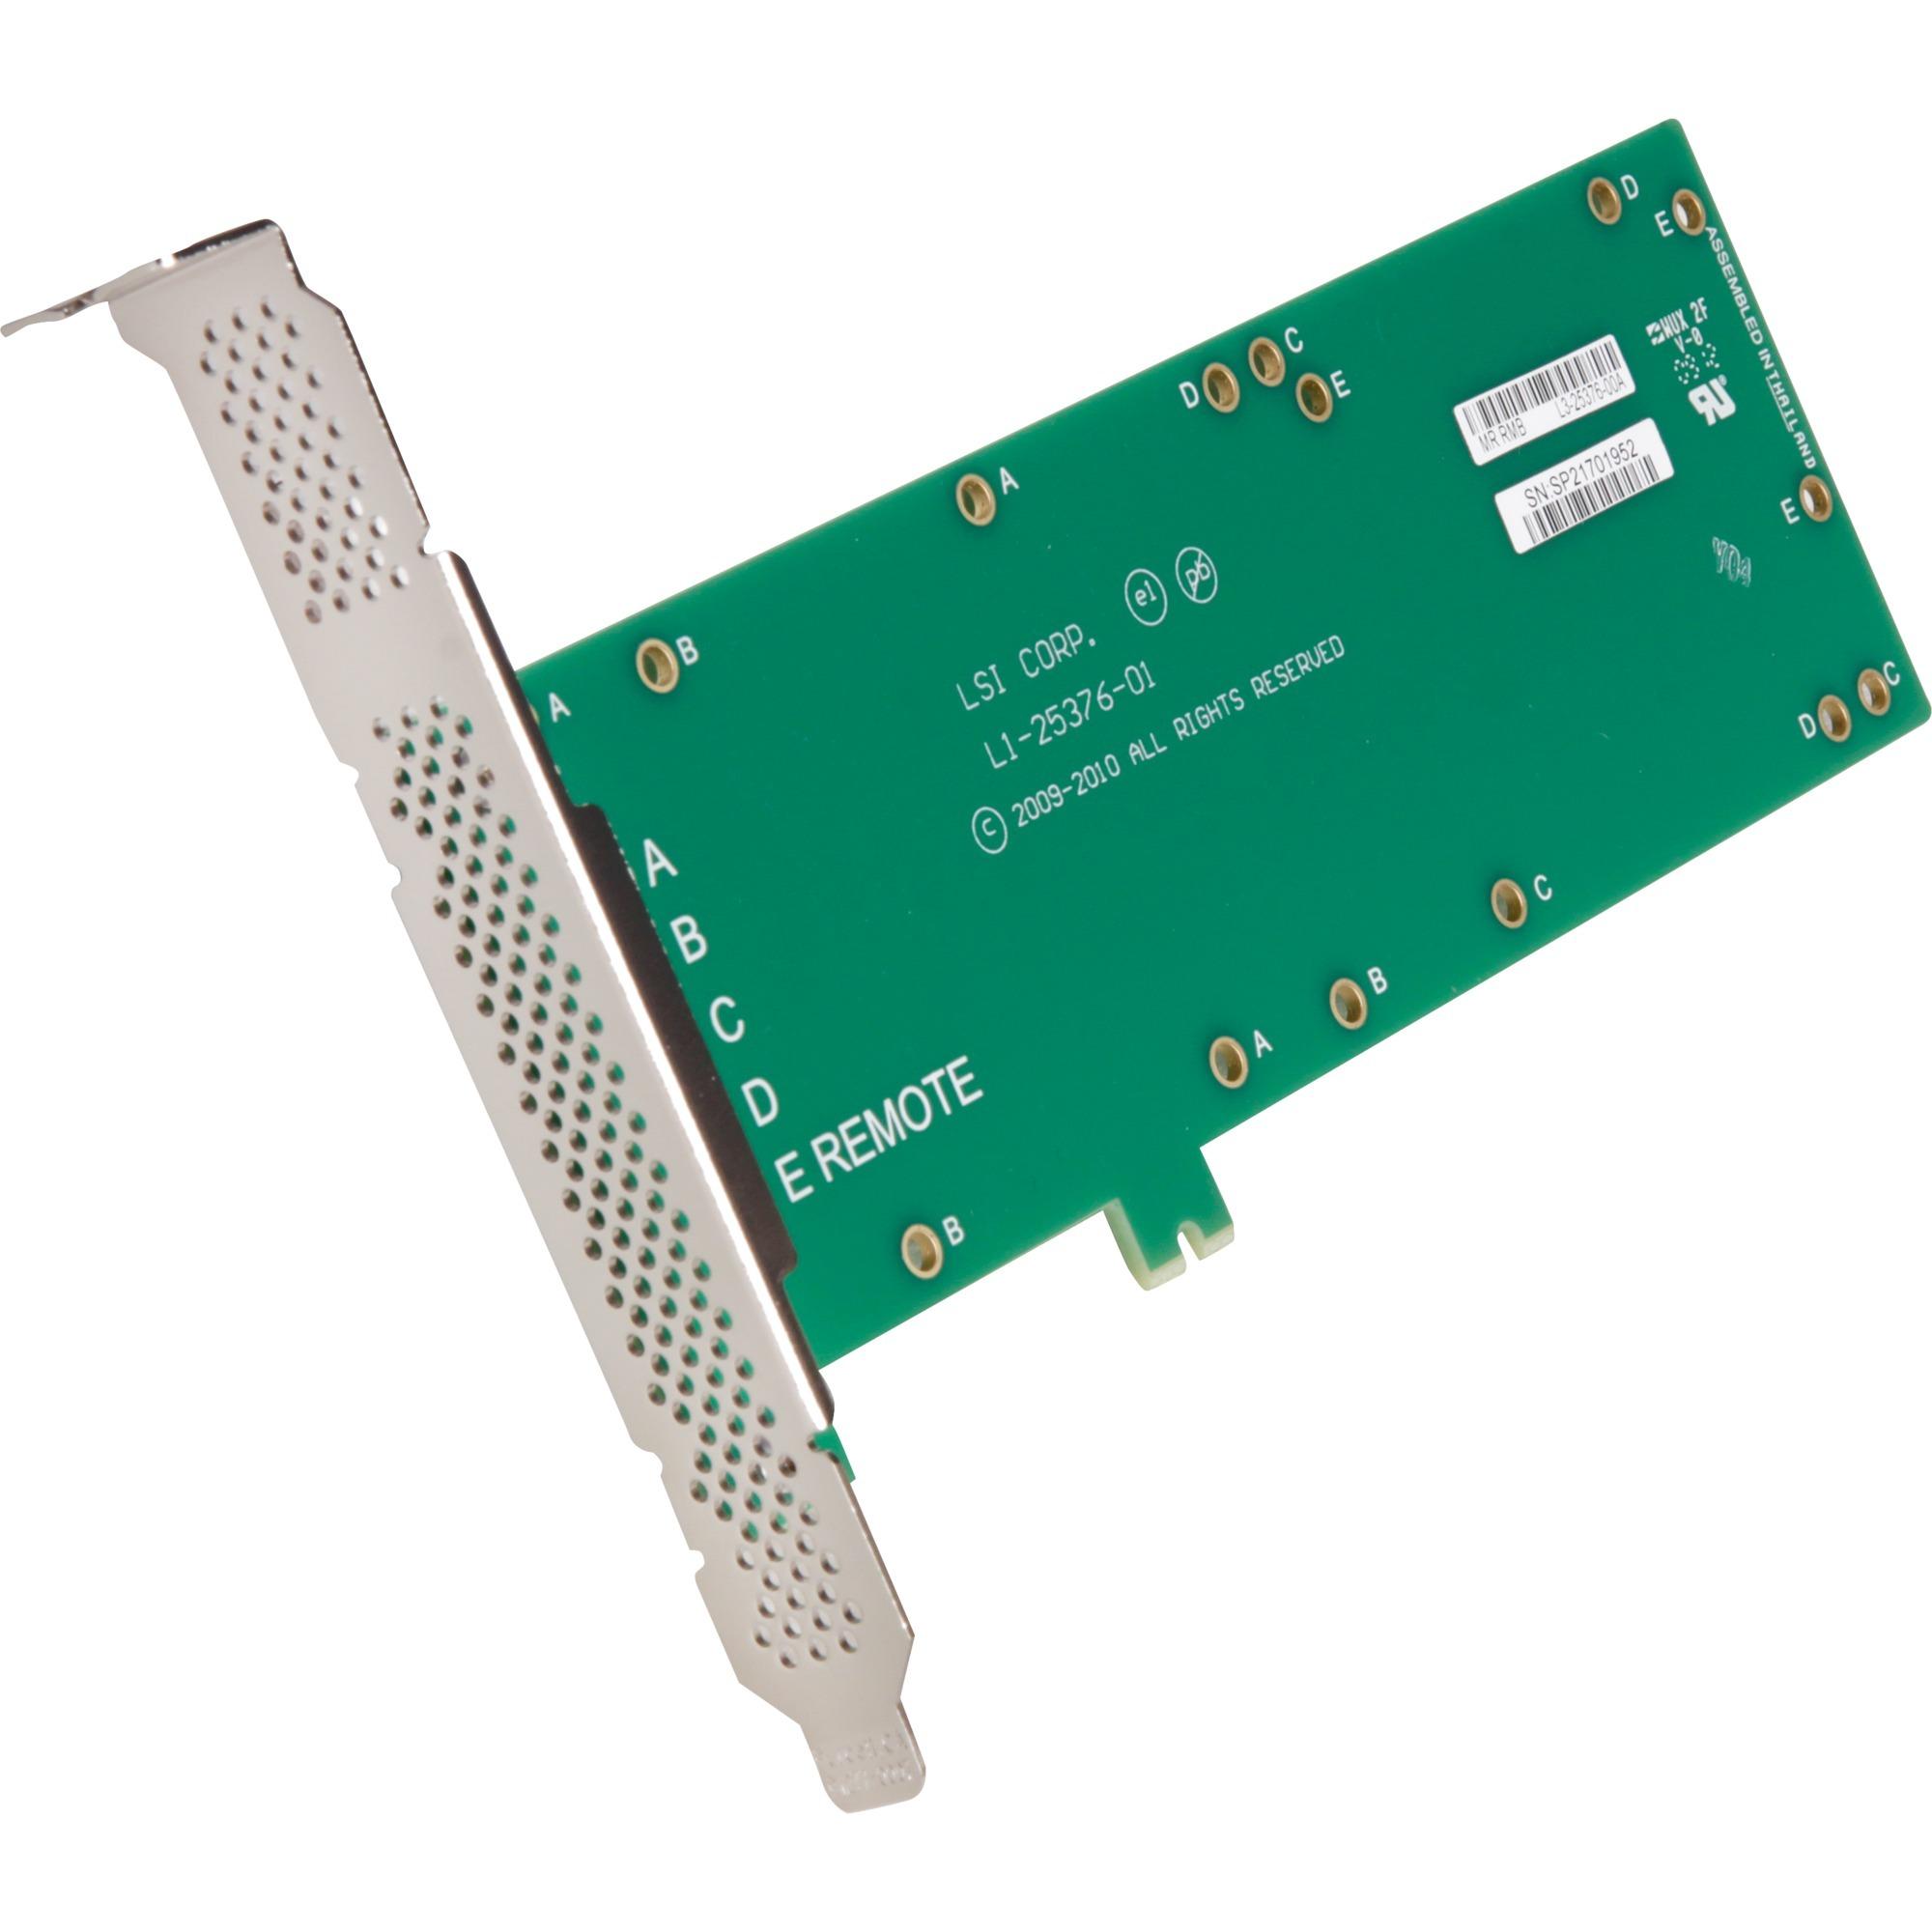 BBU-BRACKET-05 Controlador de mando a distancia, Soporte